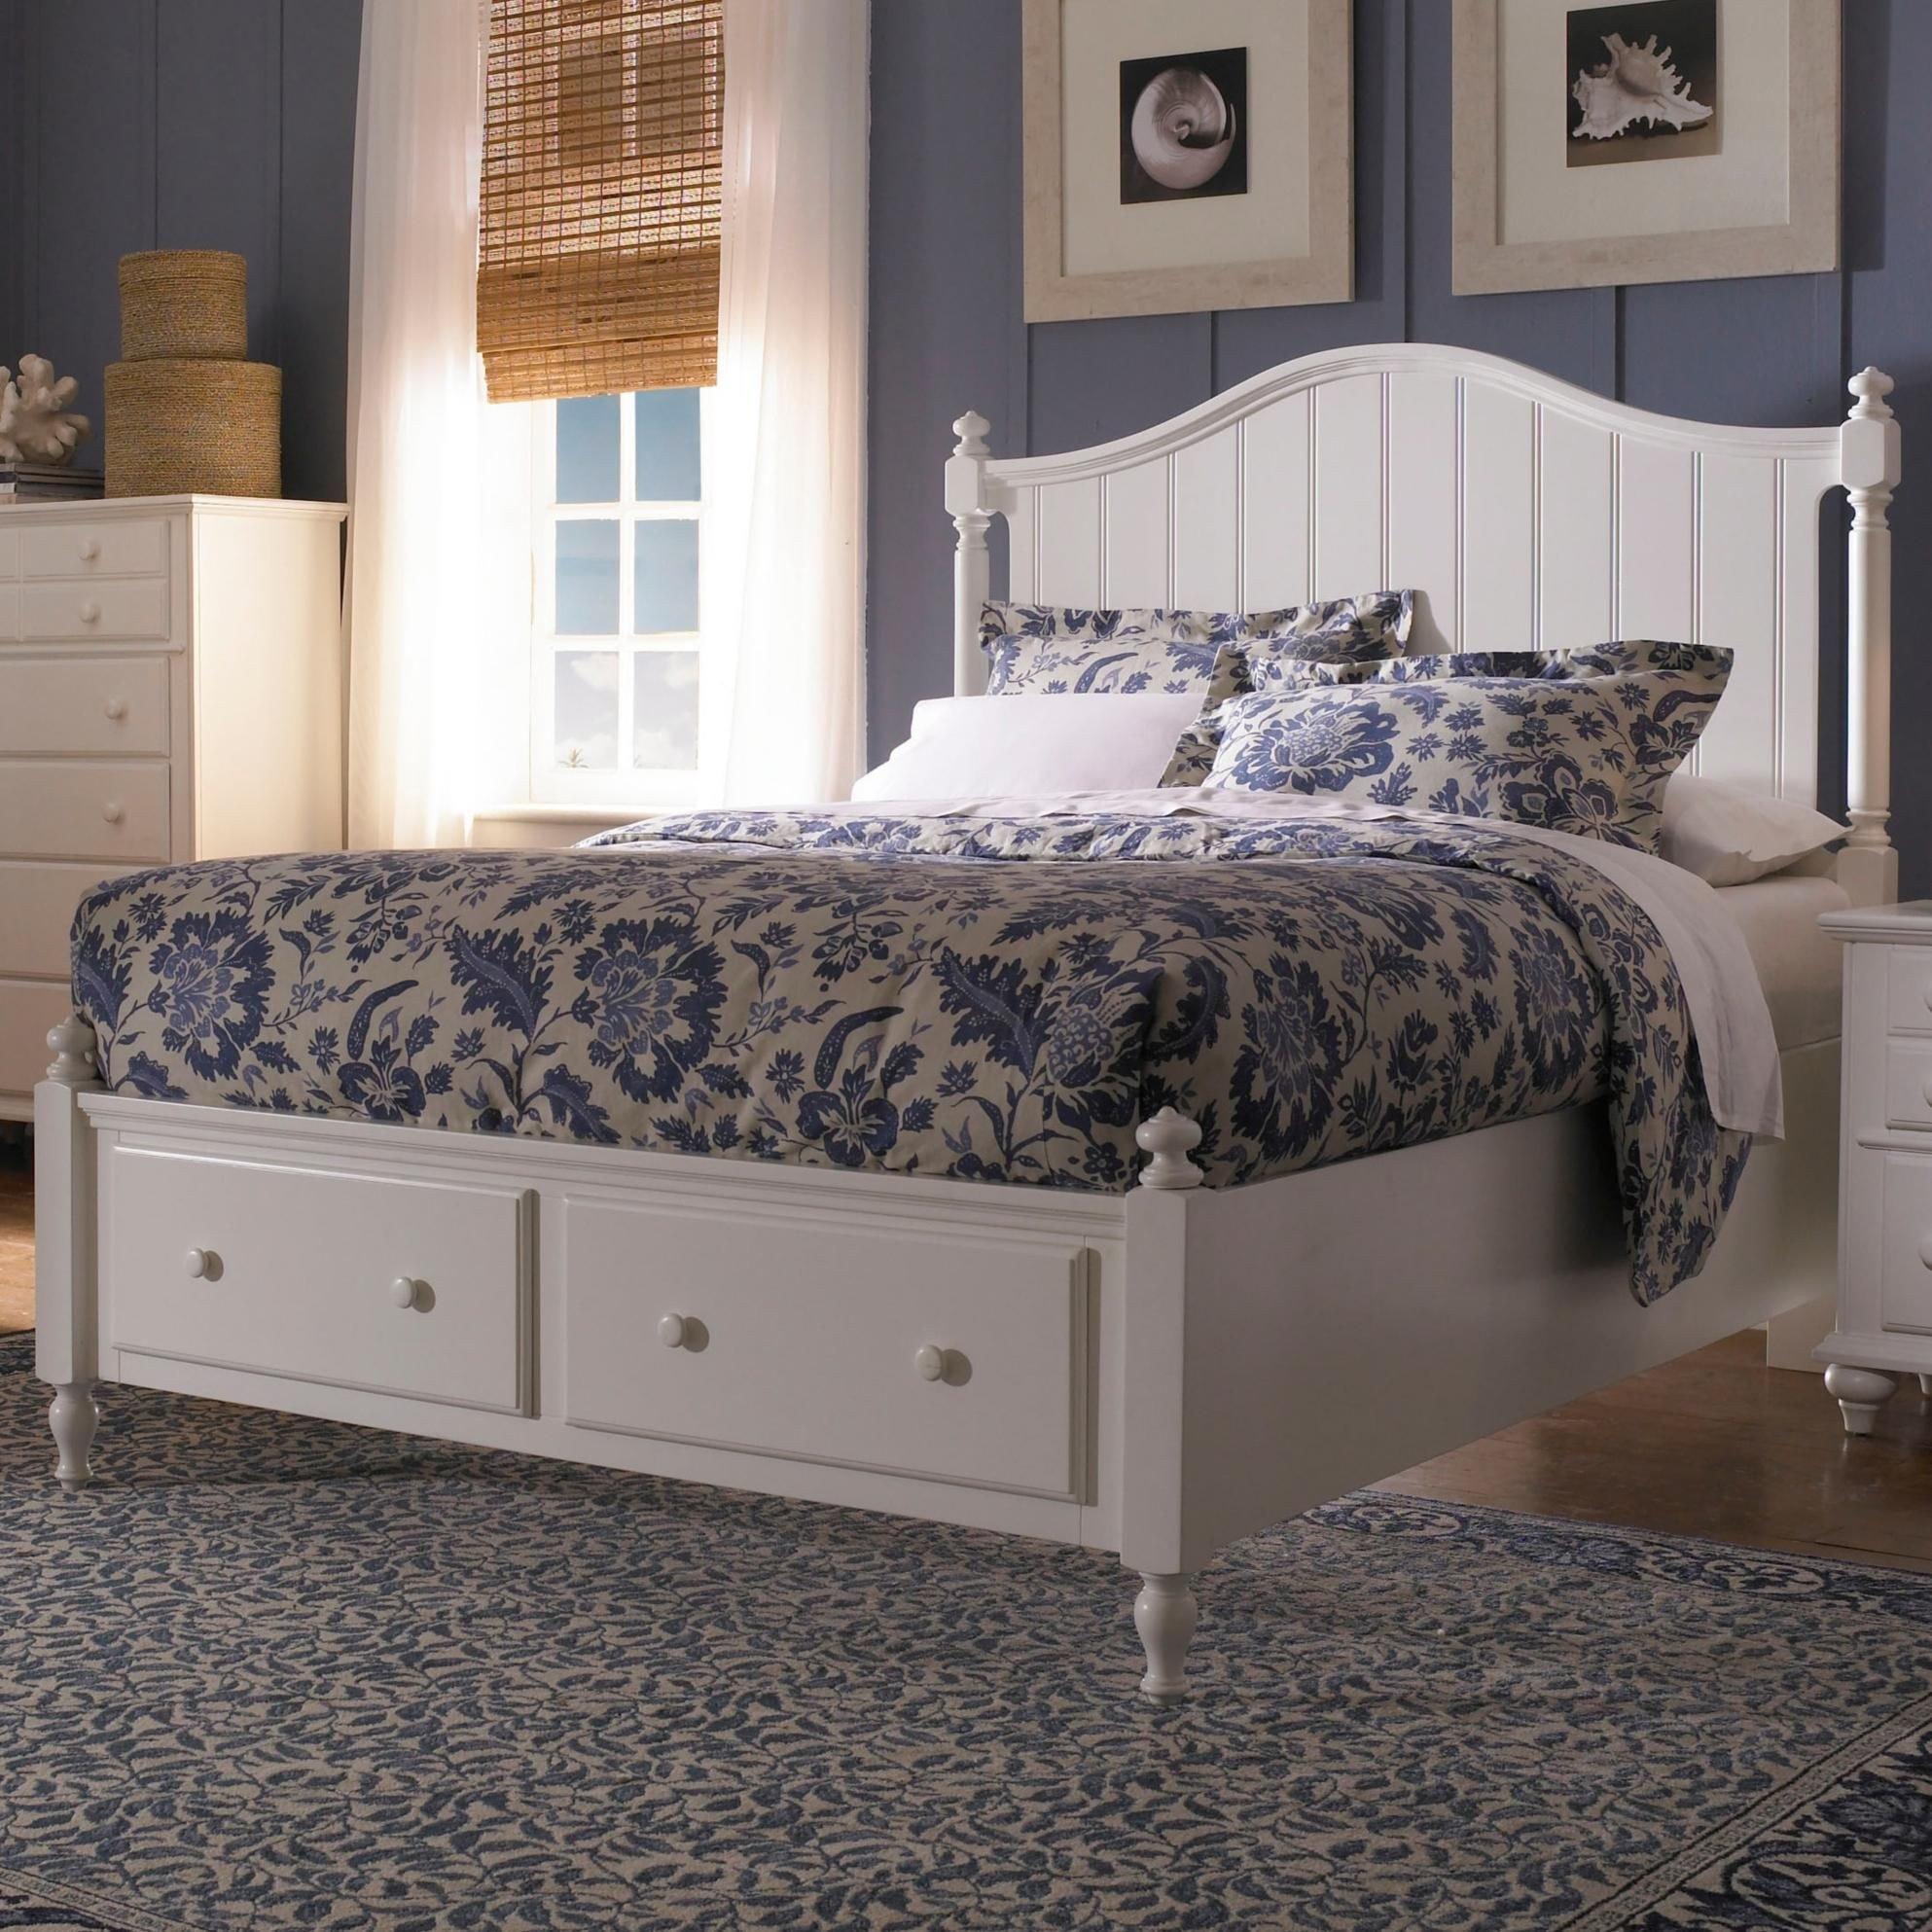 Nebraska Furniture Bedroom Set New Hayden Place Queen Headboard and Storage Footboard Bed by